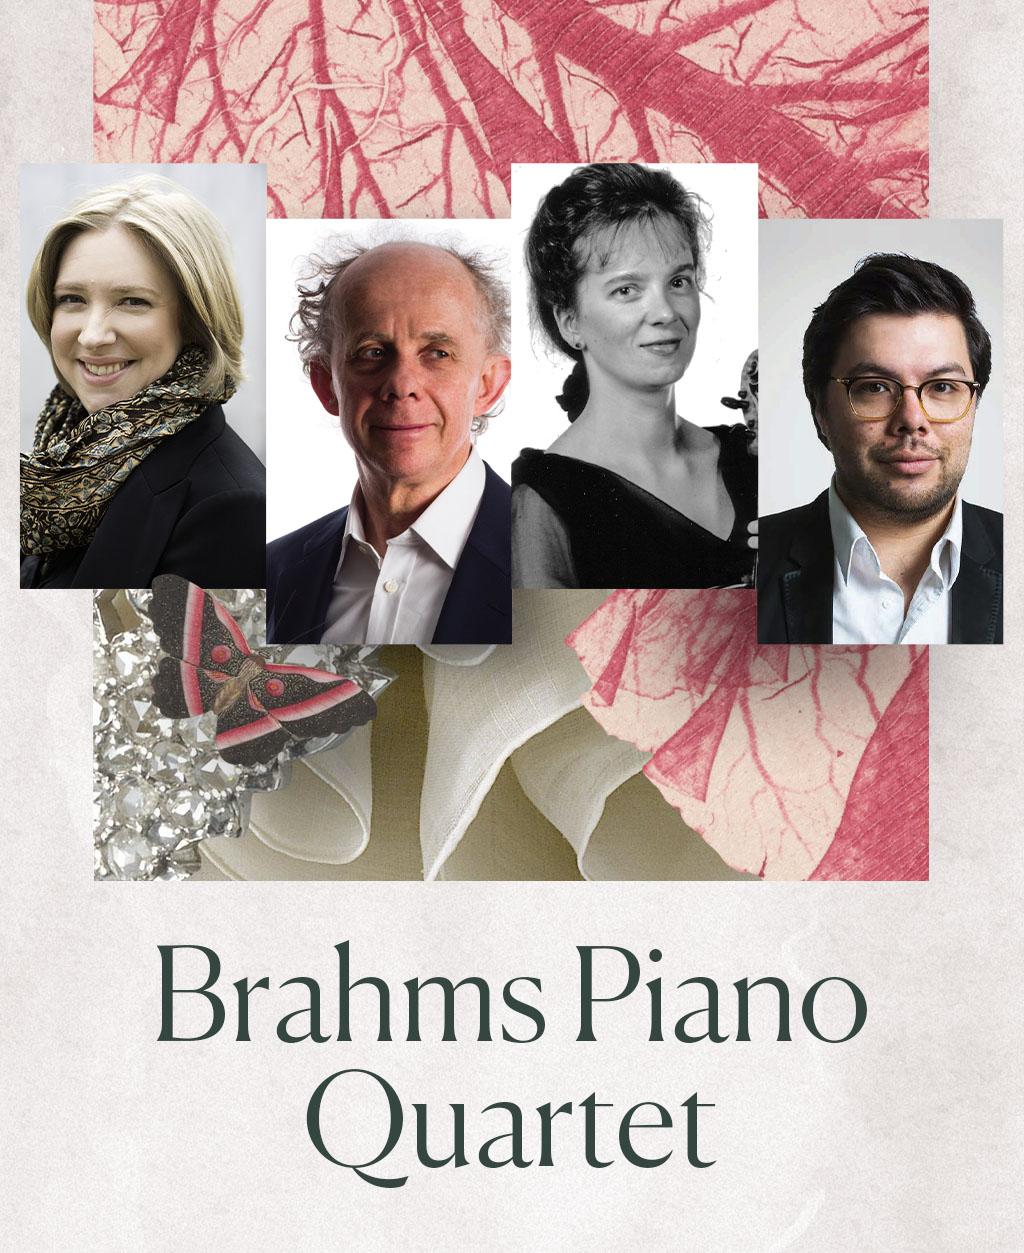 Brahms Piano Quartet